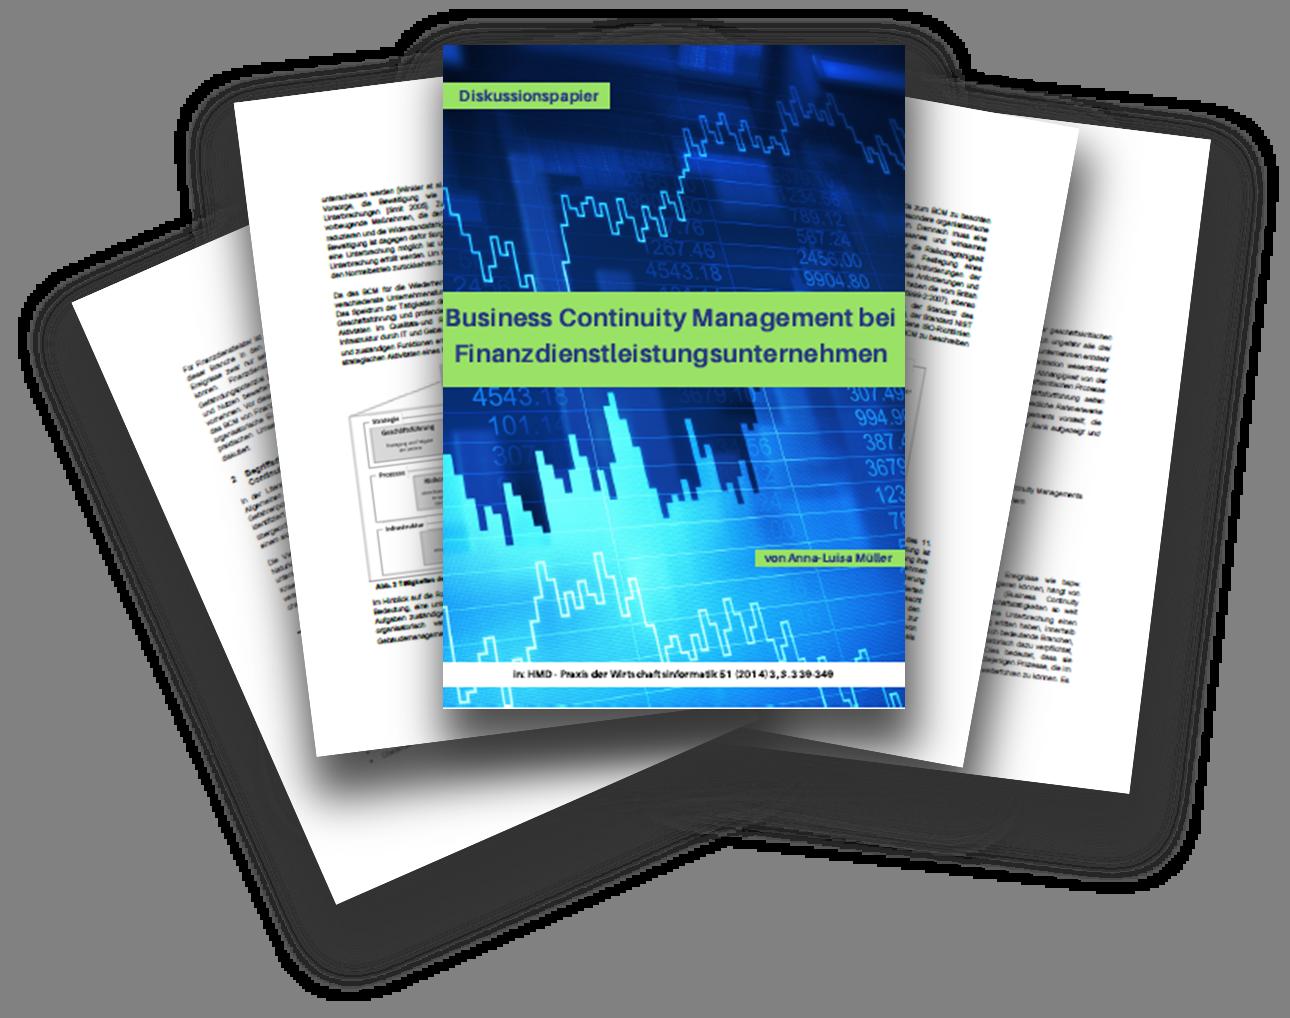 Business Continuity Management bei Finanzdienstleistungsunternehmen